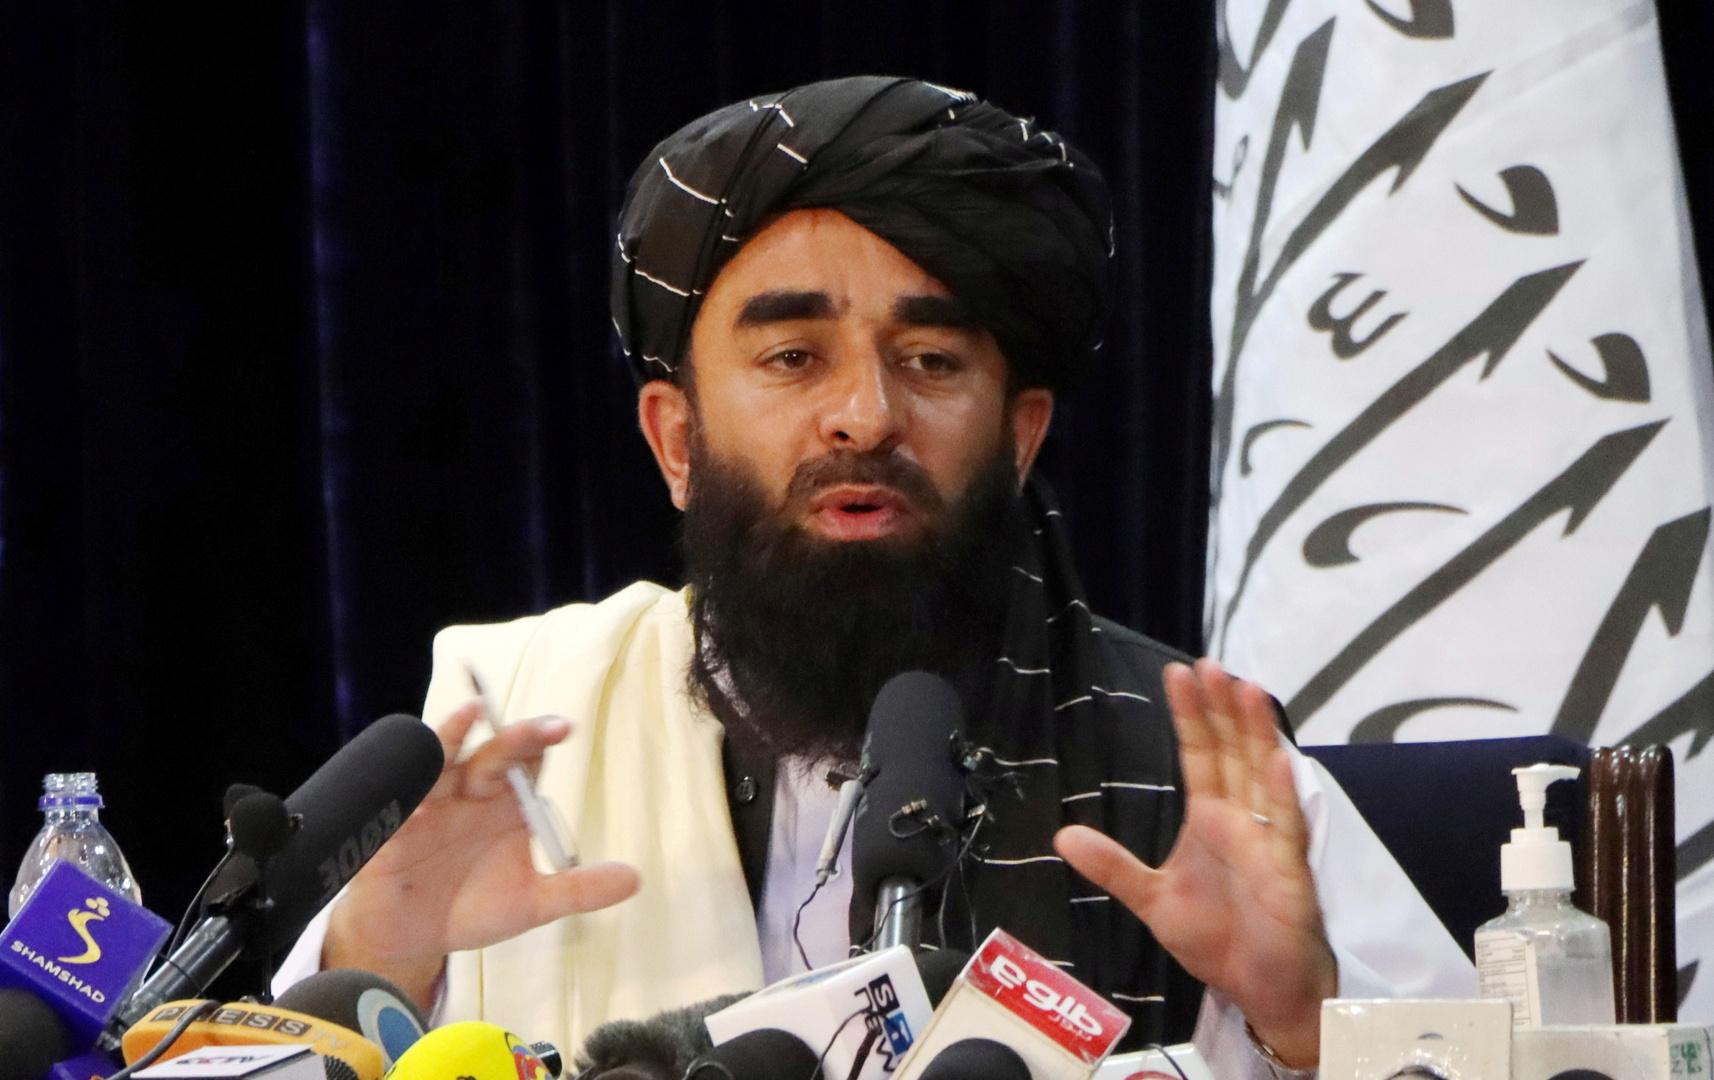 طالبان تعتبر الصين شريكا أساسيا وتعول على مواصلة التعاون في مشروع